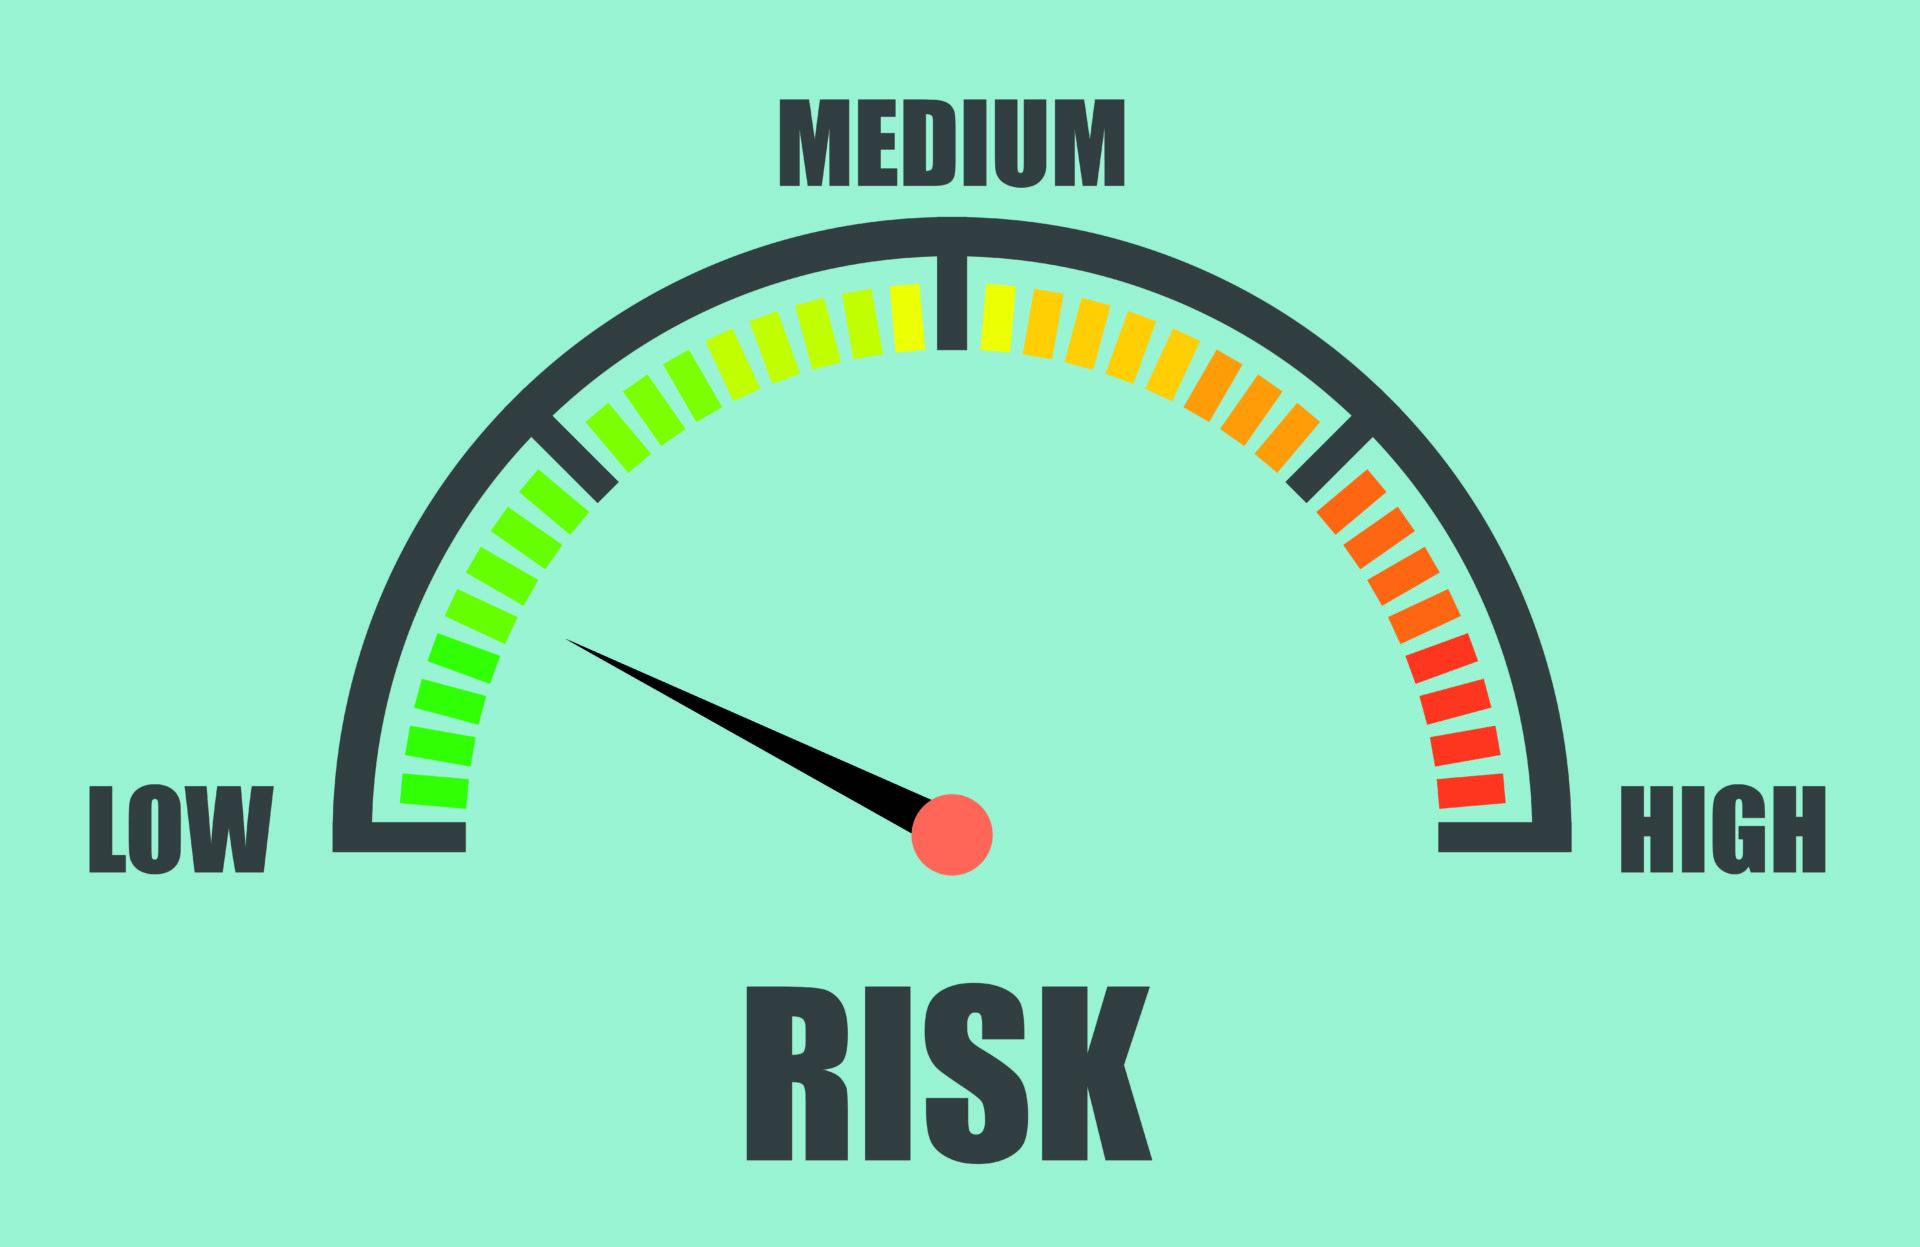 level of risk